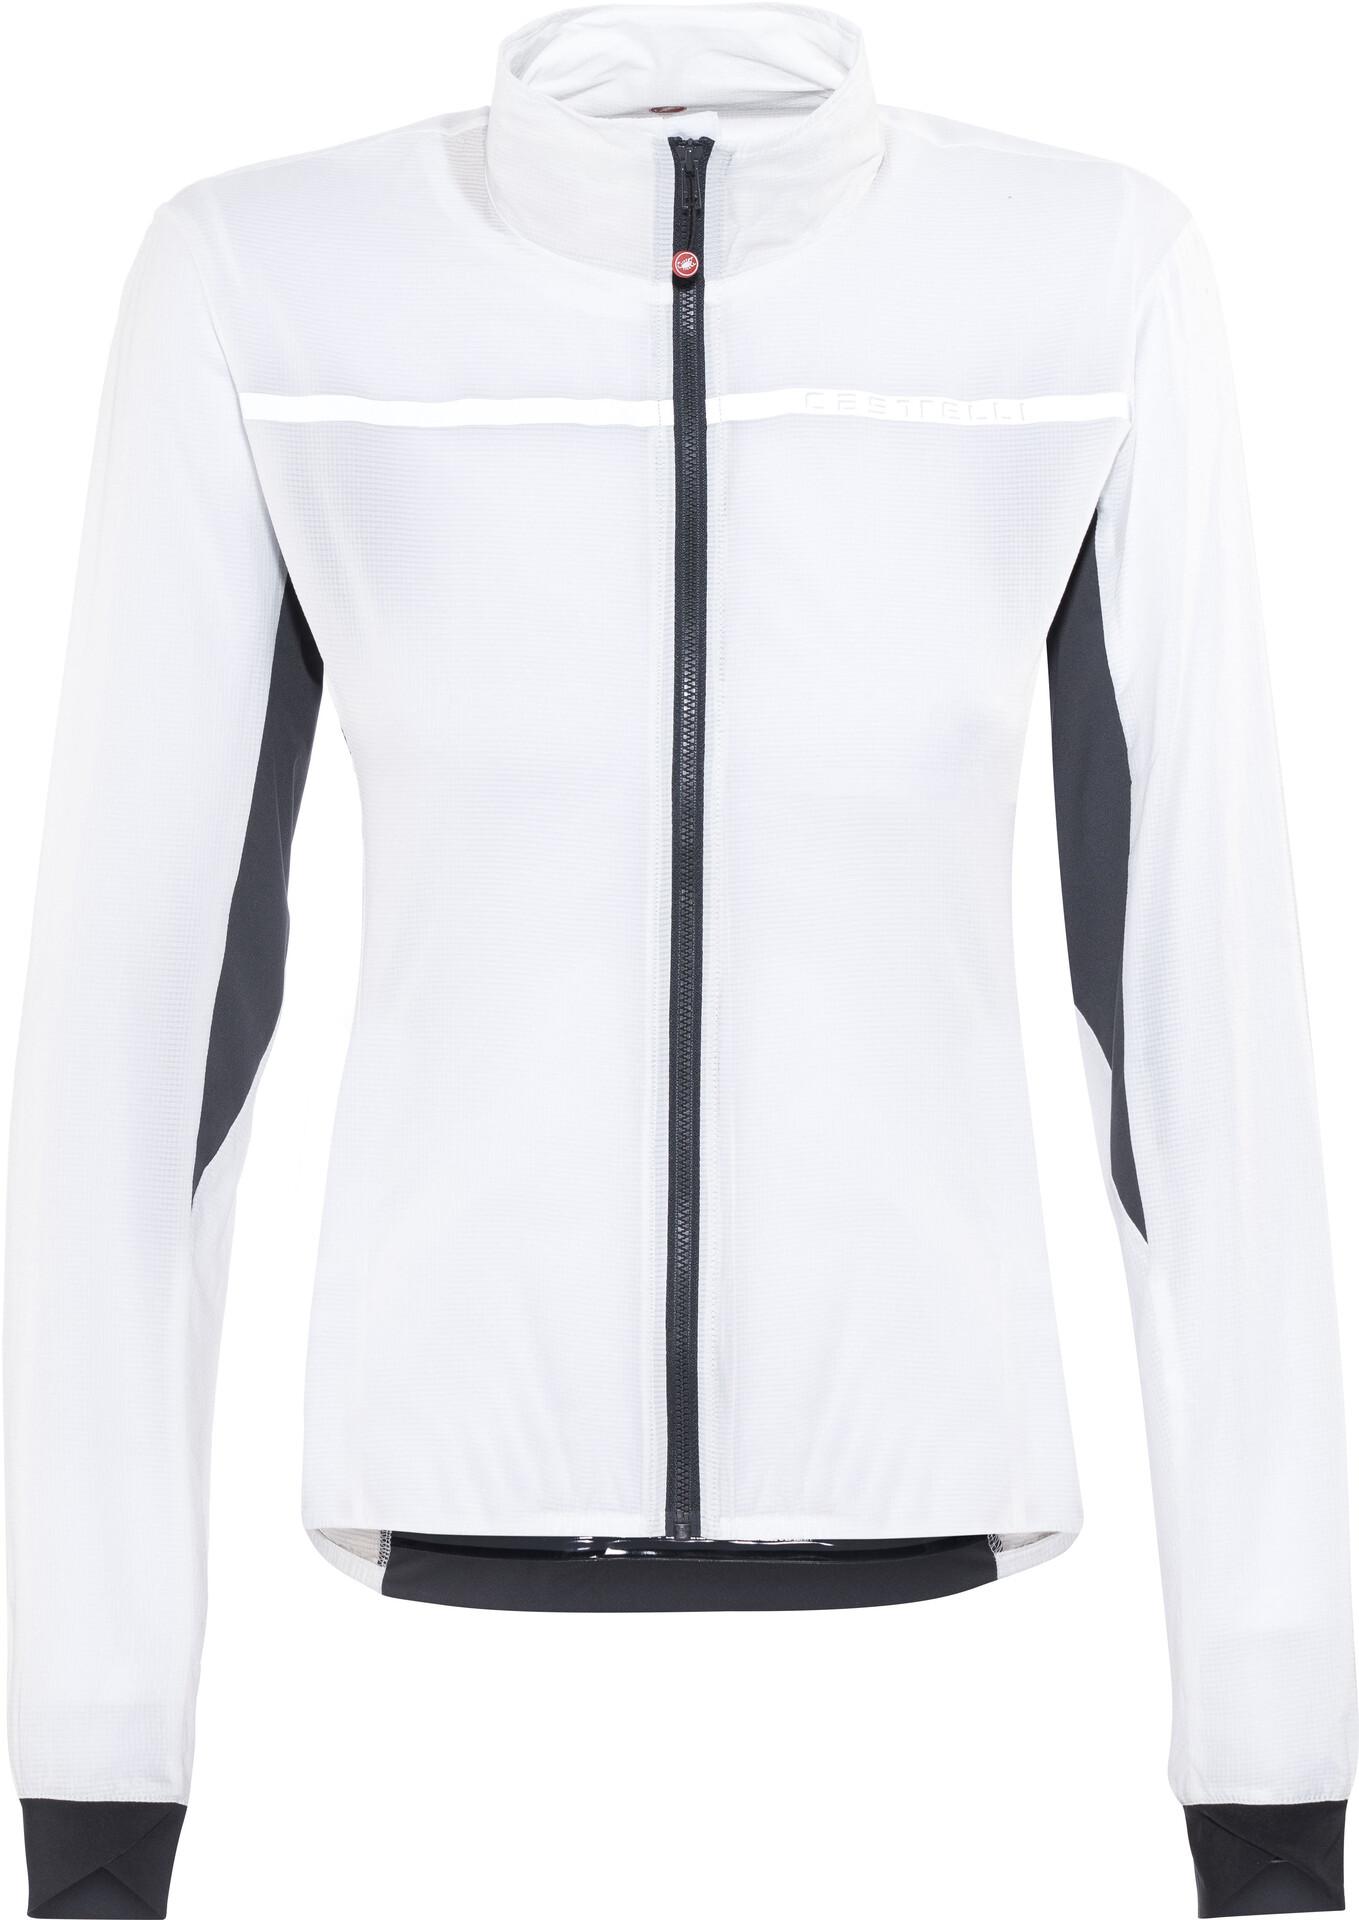 Castelli Castelli Castelli Boutique Vélos Veste Superleggera Blanc Femme De En rUCxrwTq